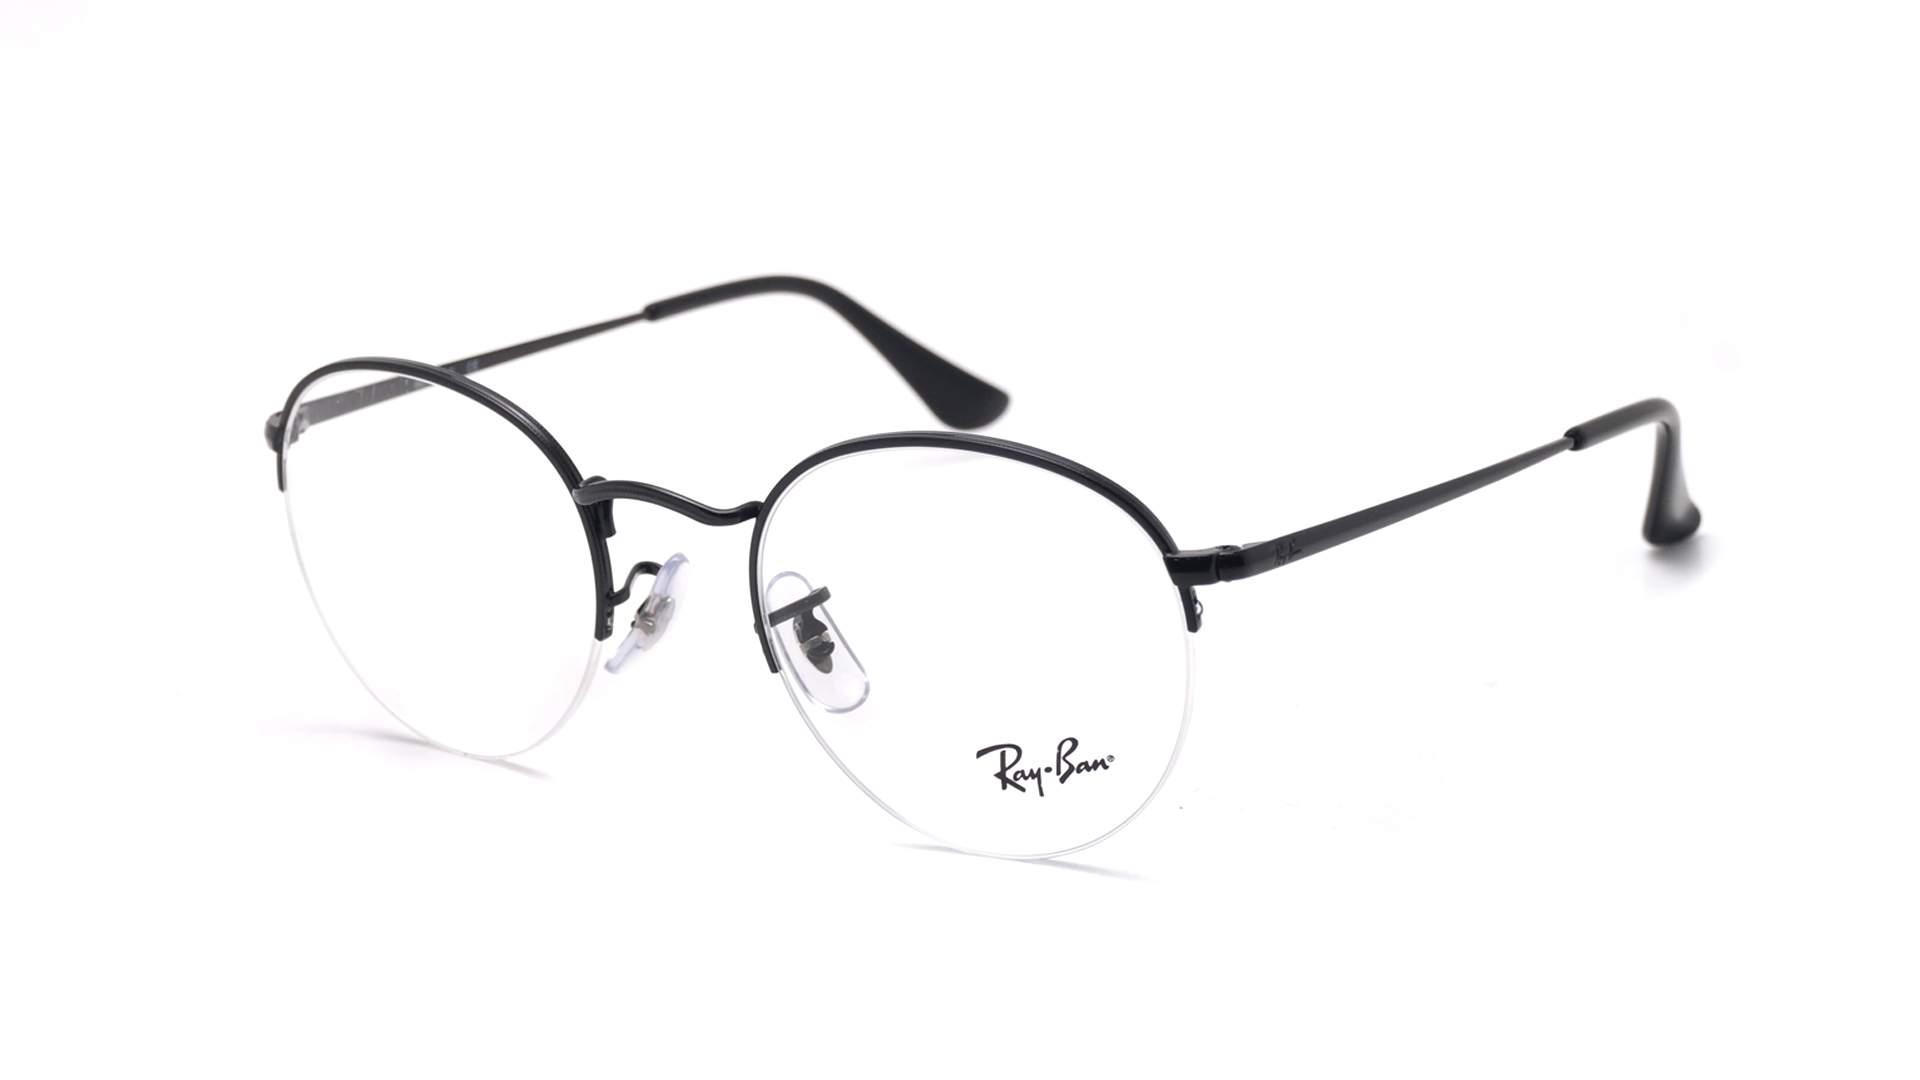 56932b15ca6 Eyeglasses Ray-Ban Gaze Black RX3947 RB3947V 2509 48-22 Small